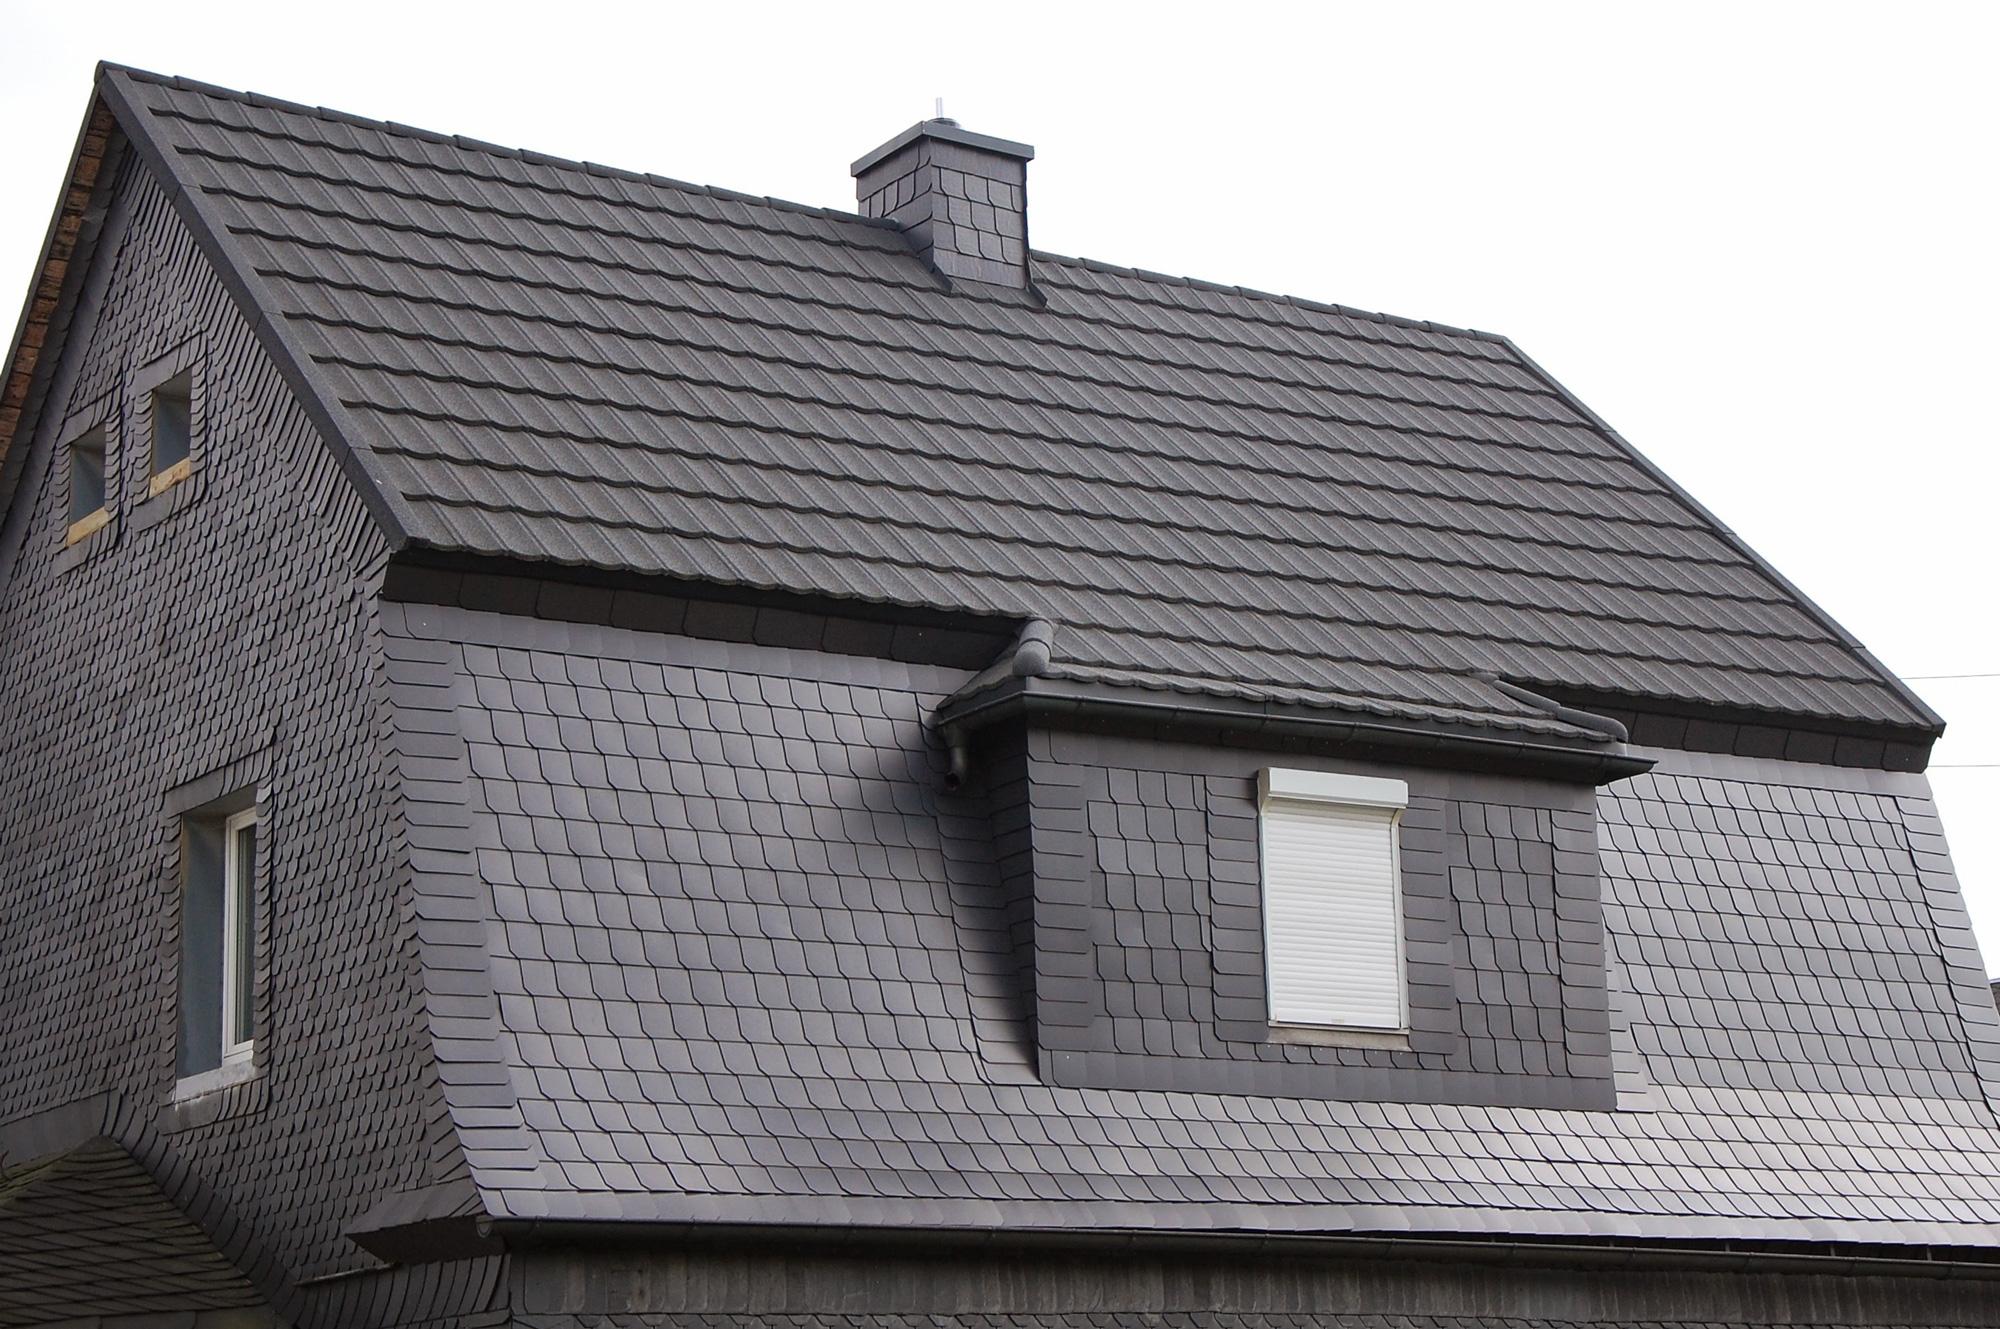 Blechdach und Kunstschieferfassade, Harra, Saale-Orla-Kreis